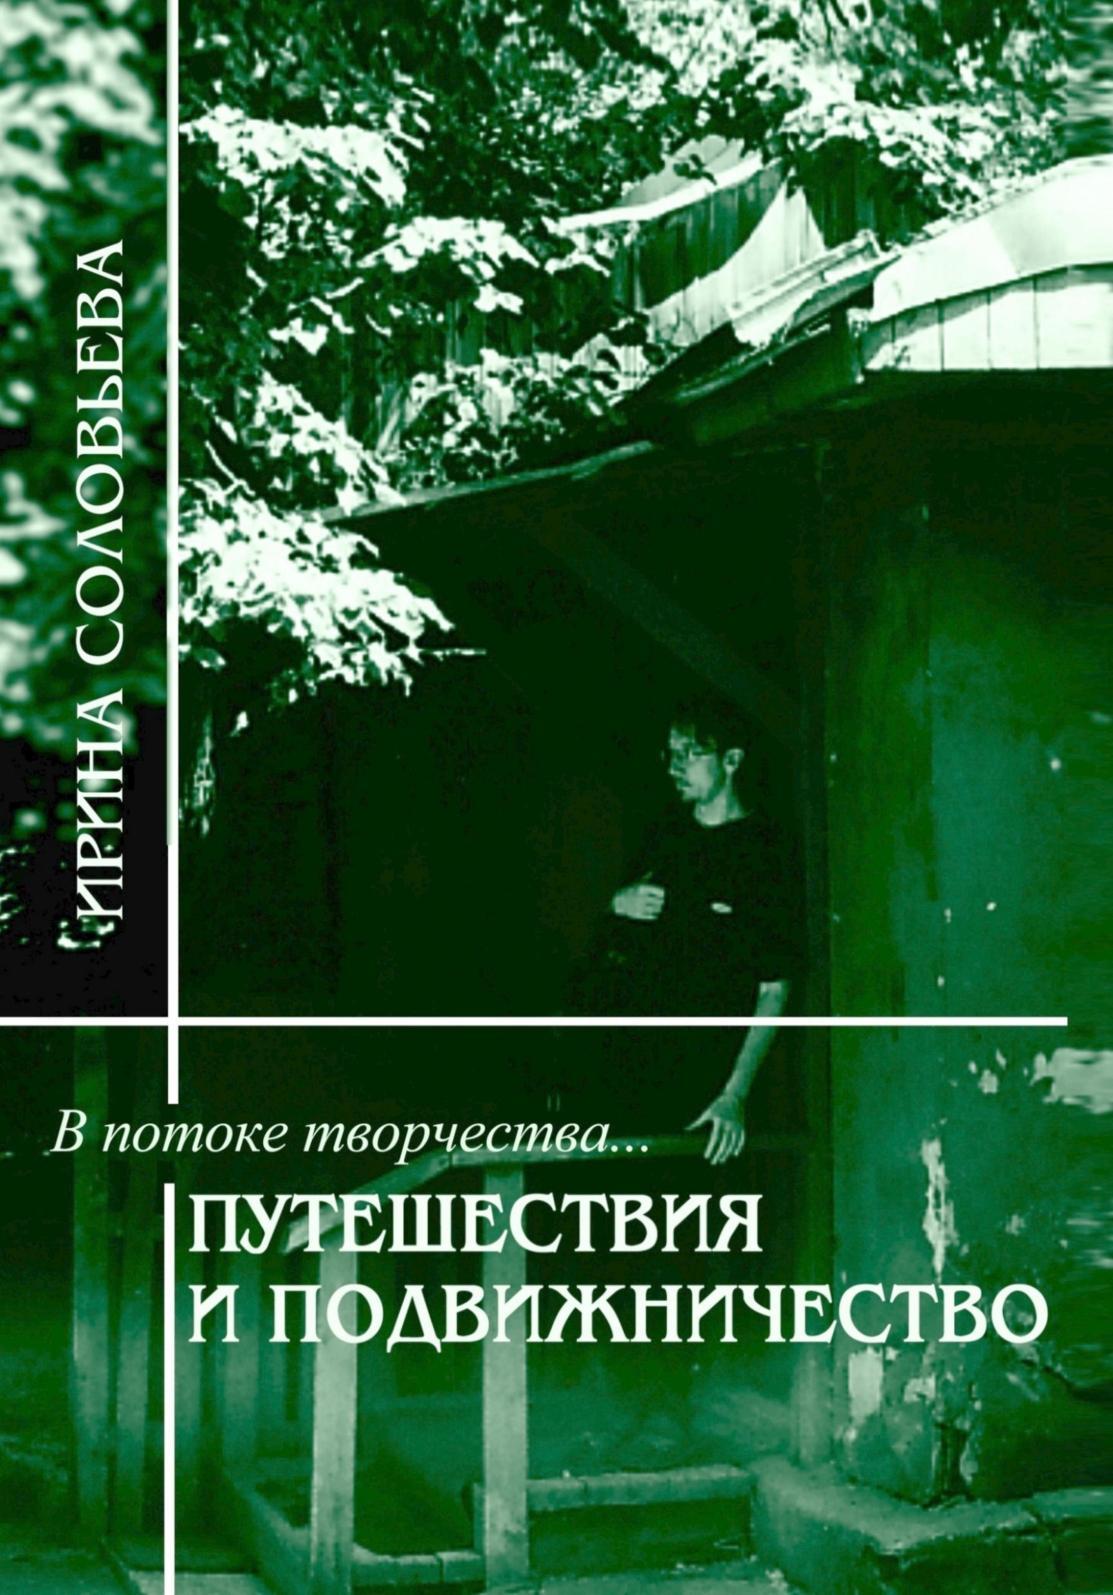 карта москвы с улицами и домами проложить маршрут на автомобиле от и до троицка до п.перврмайский дать в долг в понедельник